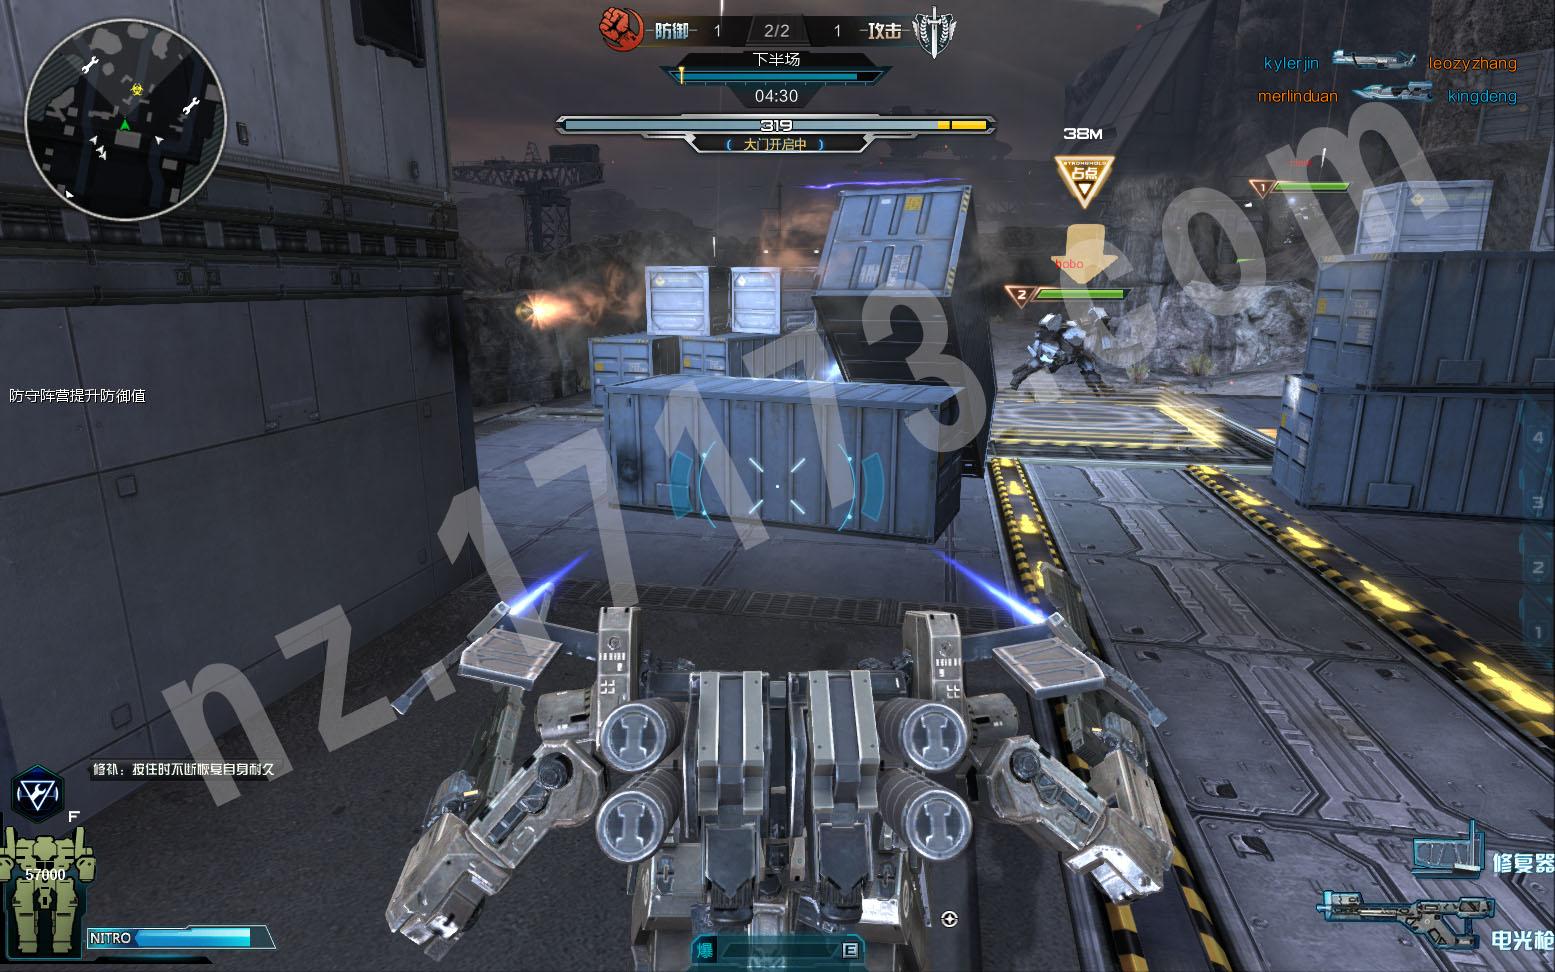 逆战机甲模式_【17173】逆战机甲对战模式游戏截图曝光九